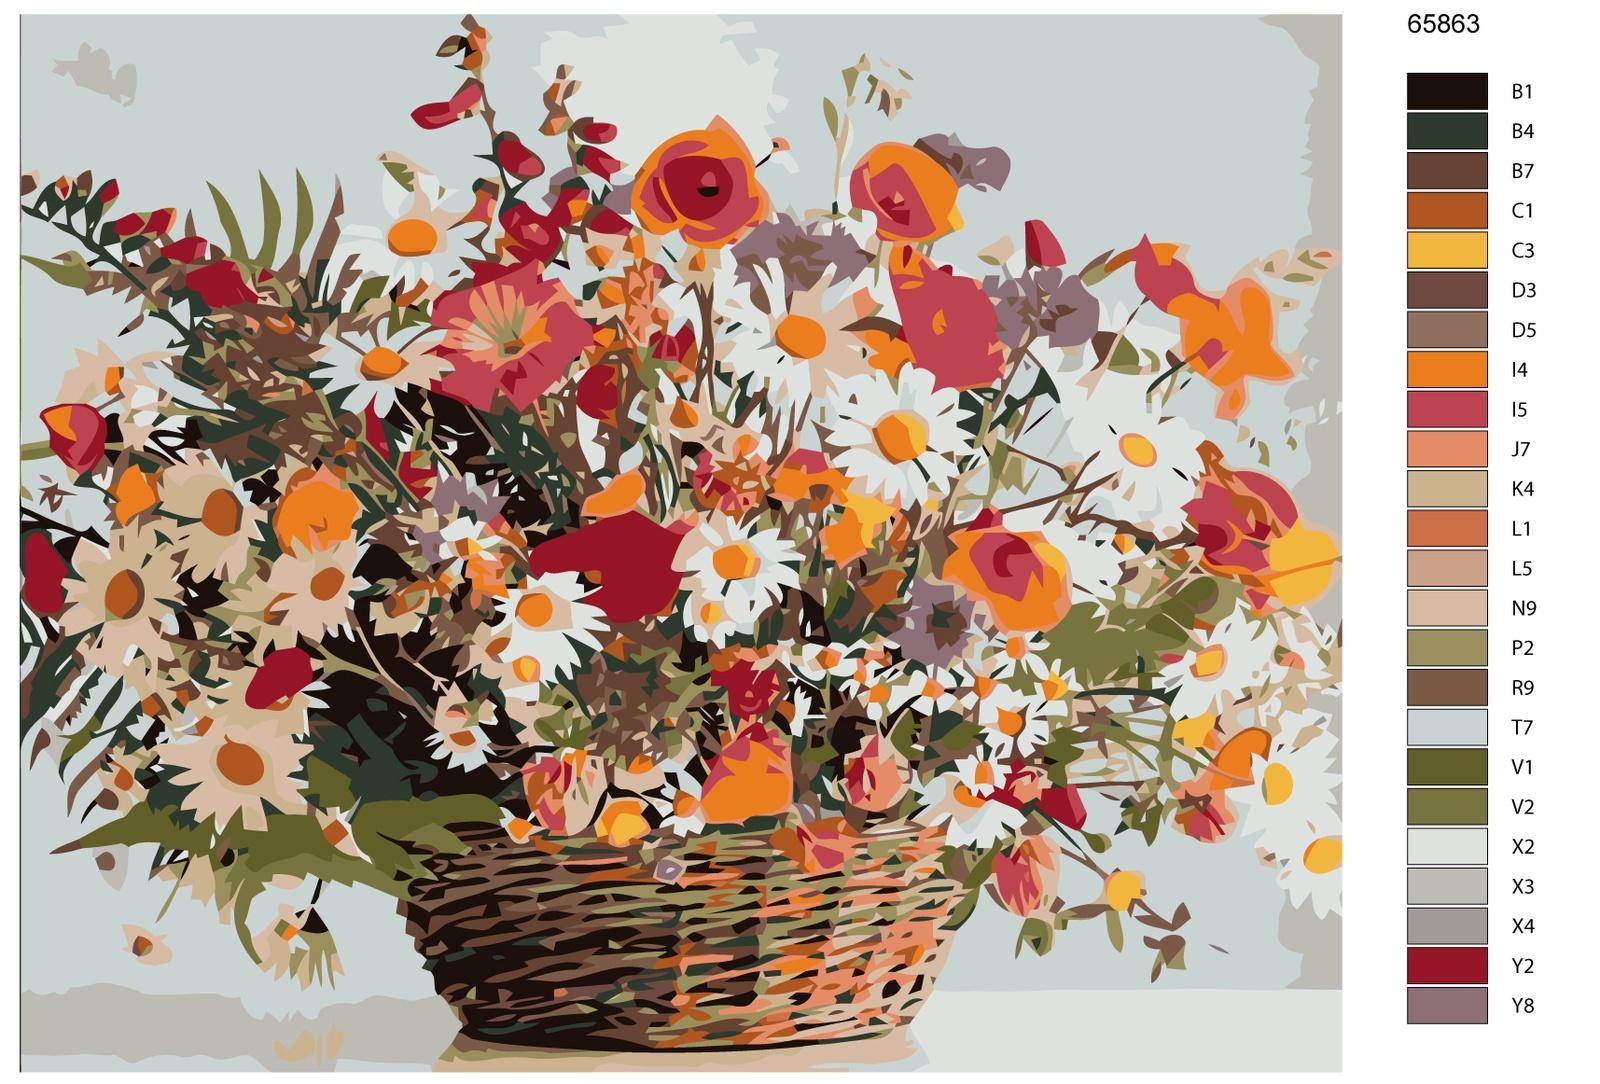 Картина по номерам, 80 x 100 см, KTMK-65863-2